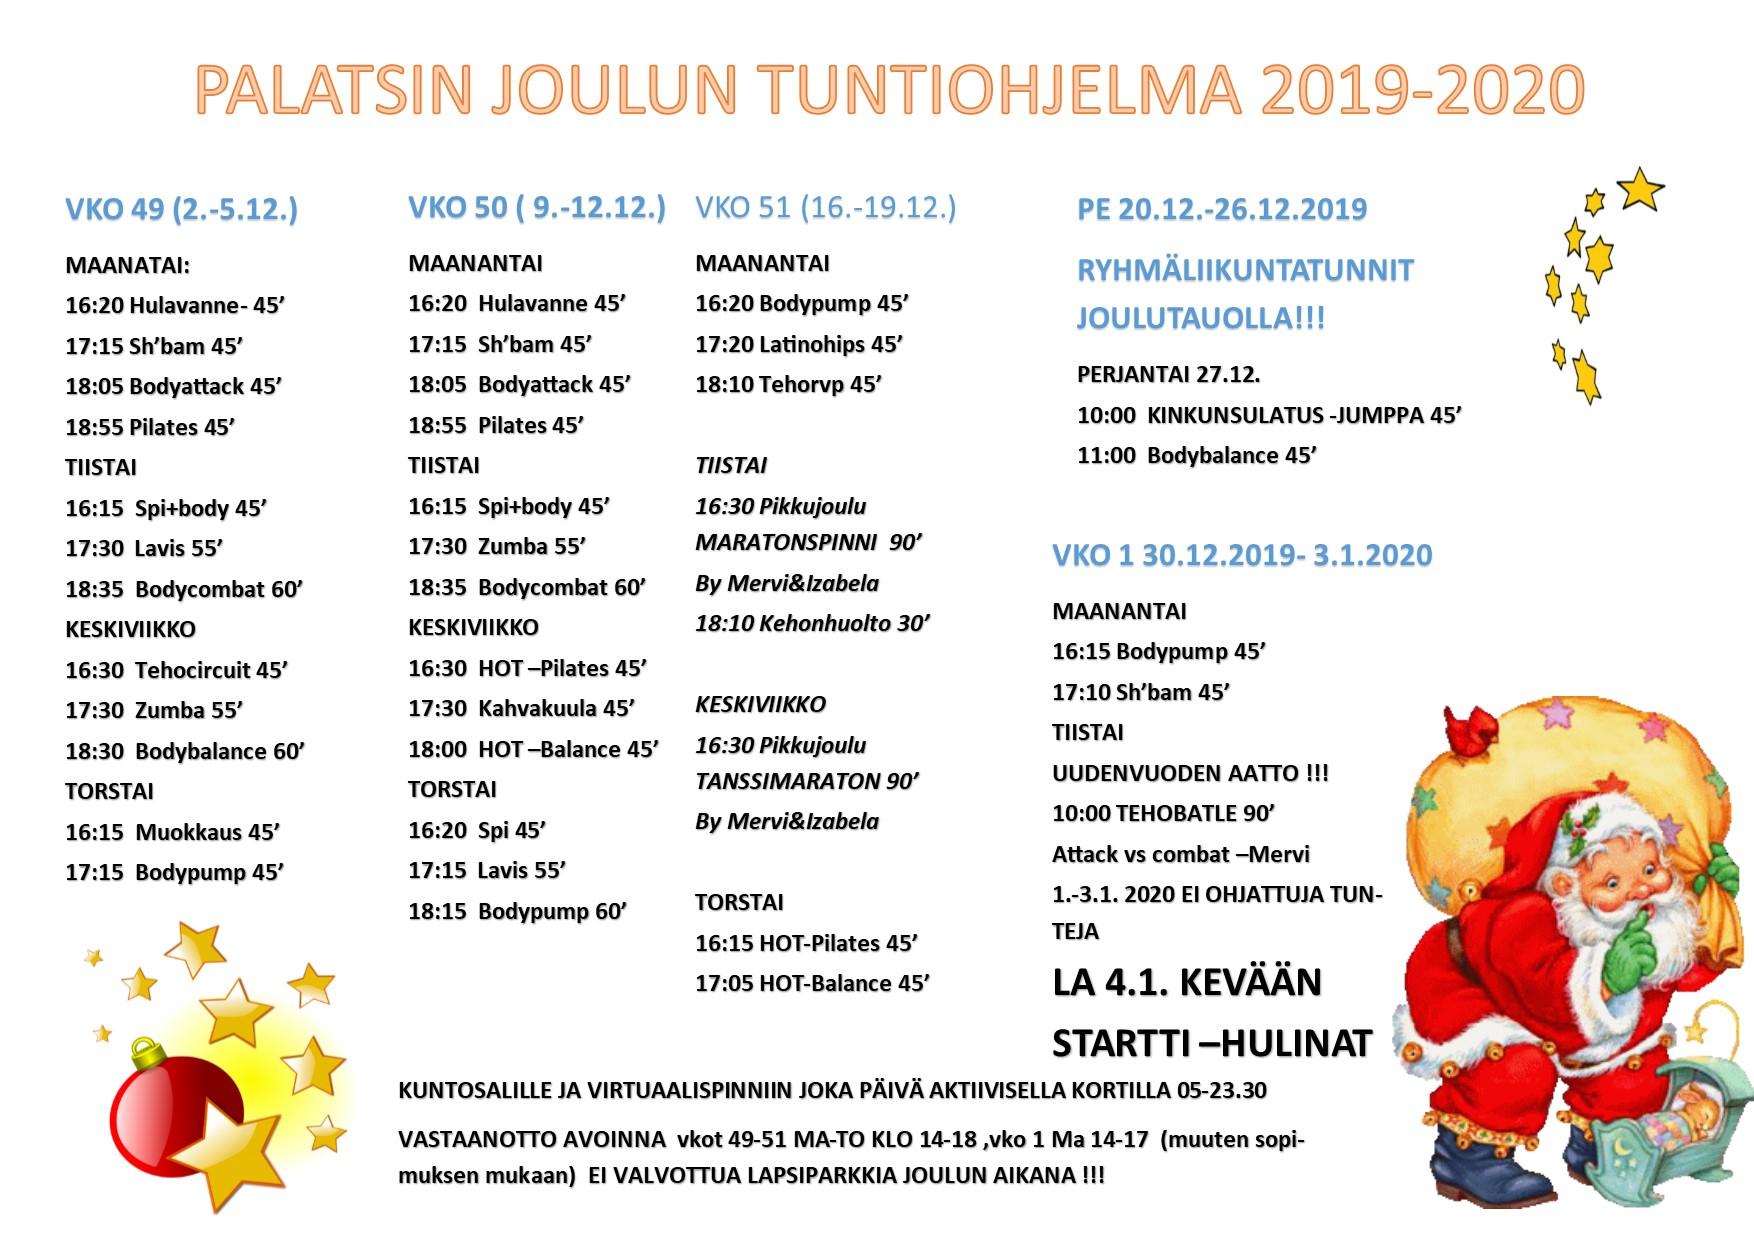 PALATSIN JOULUN RYHMÄLIIKUNTA – AIKATAULU Voimassa 2.12.2019- 5.1.2020